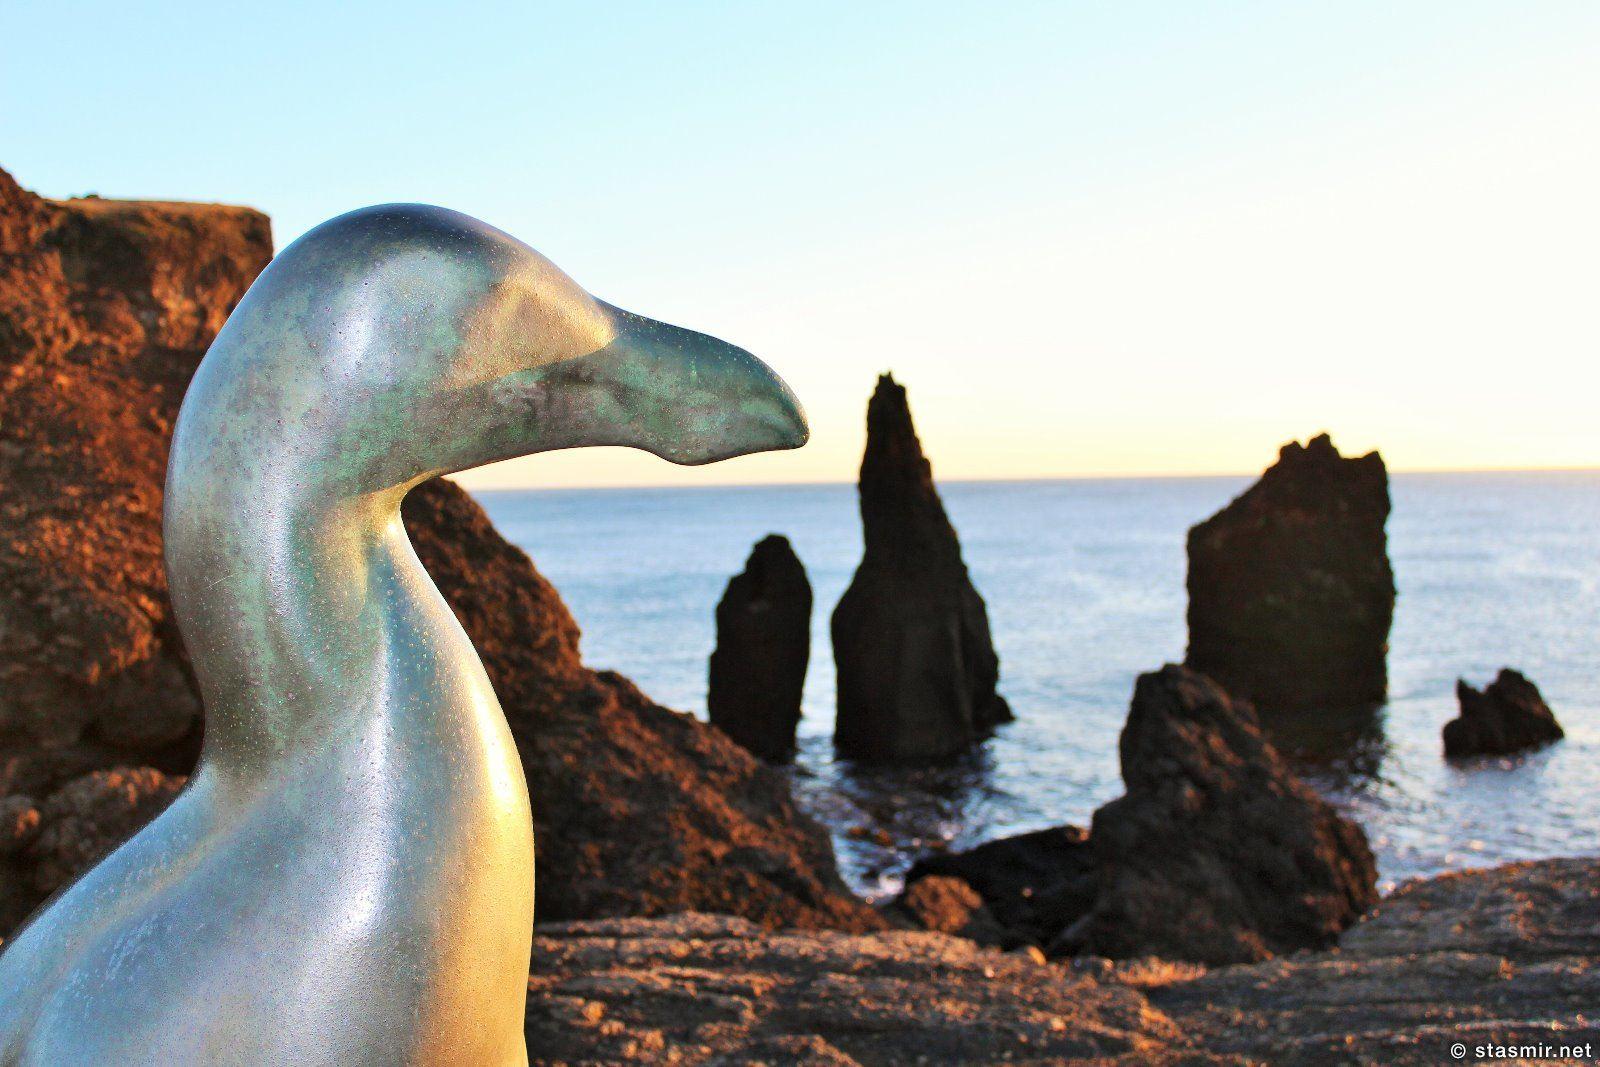 Статуя бескрылой гагарки, Полуостров Рейкьянес, Geirfugl. Great Auk, Бескрылая гагарка, Pinguinus, Gare-fowl, alca, arponaz, автор Тодд МакГрейн, фото Стасмир, Photo Stasmir